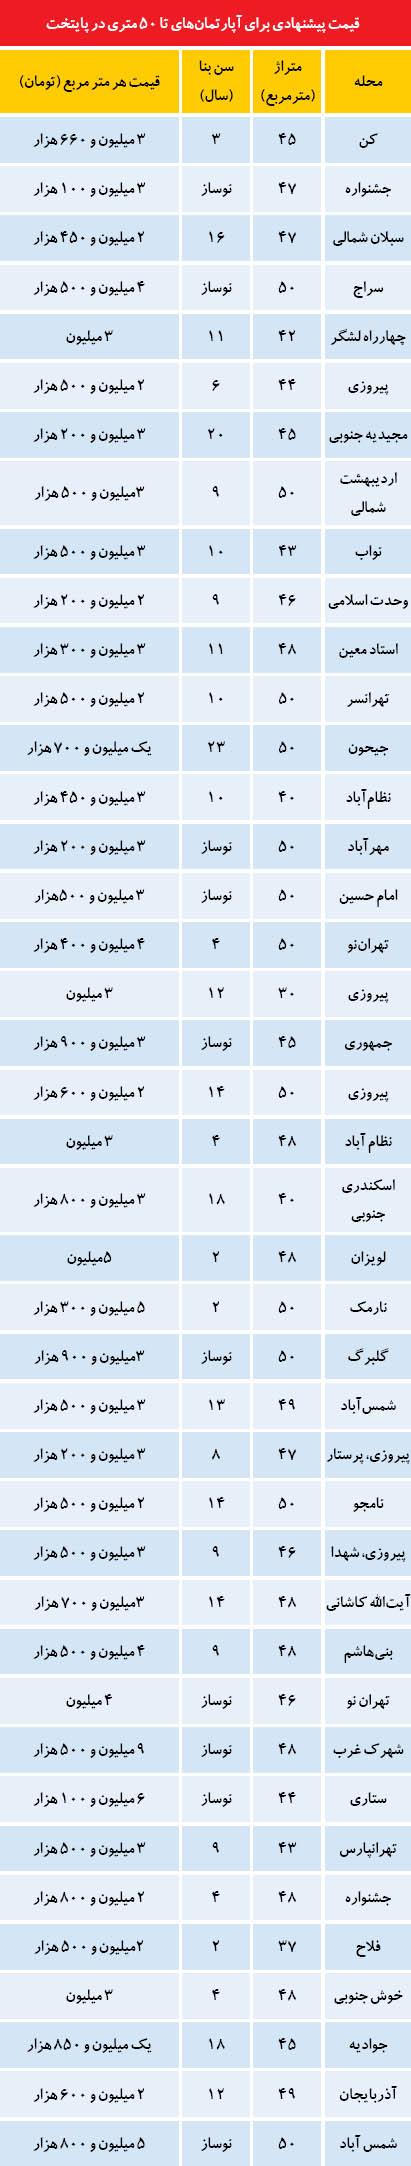 قیمت فروش آپارتمانهای کوچک در تهران (+جدول)